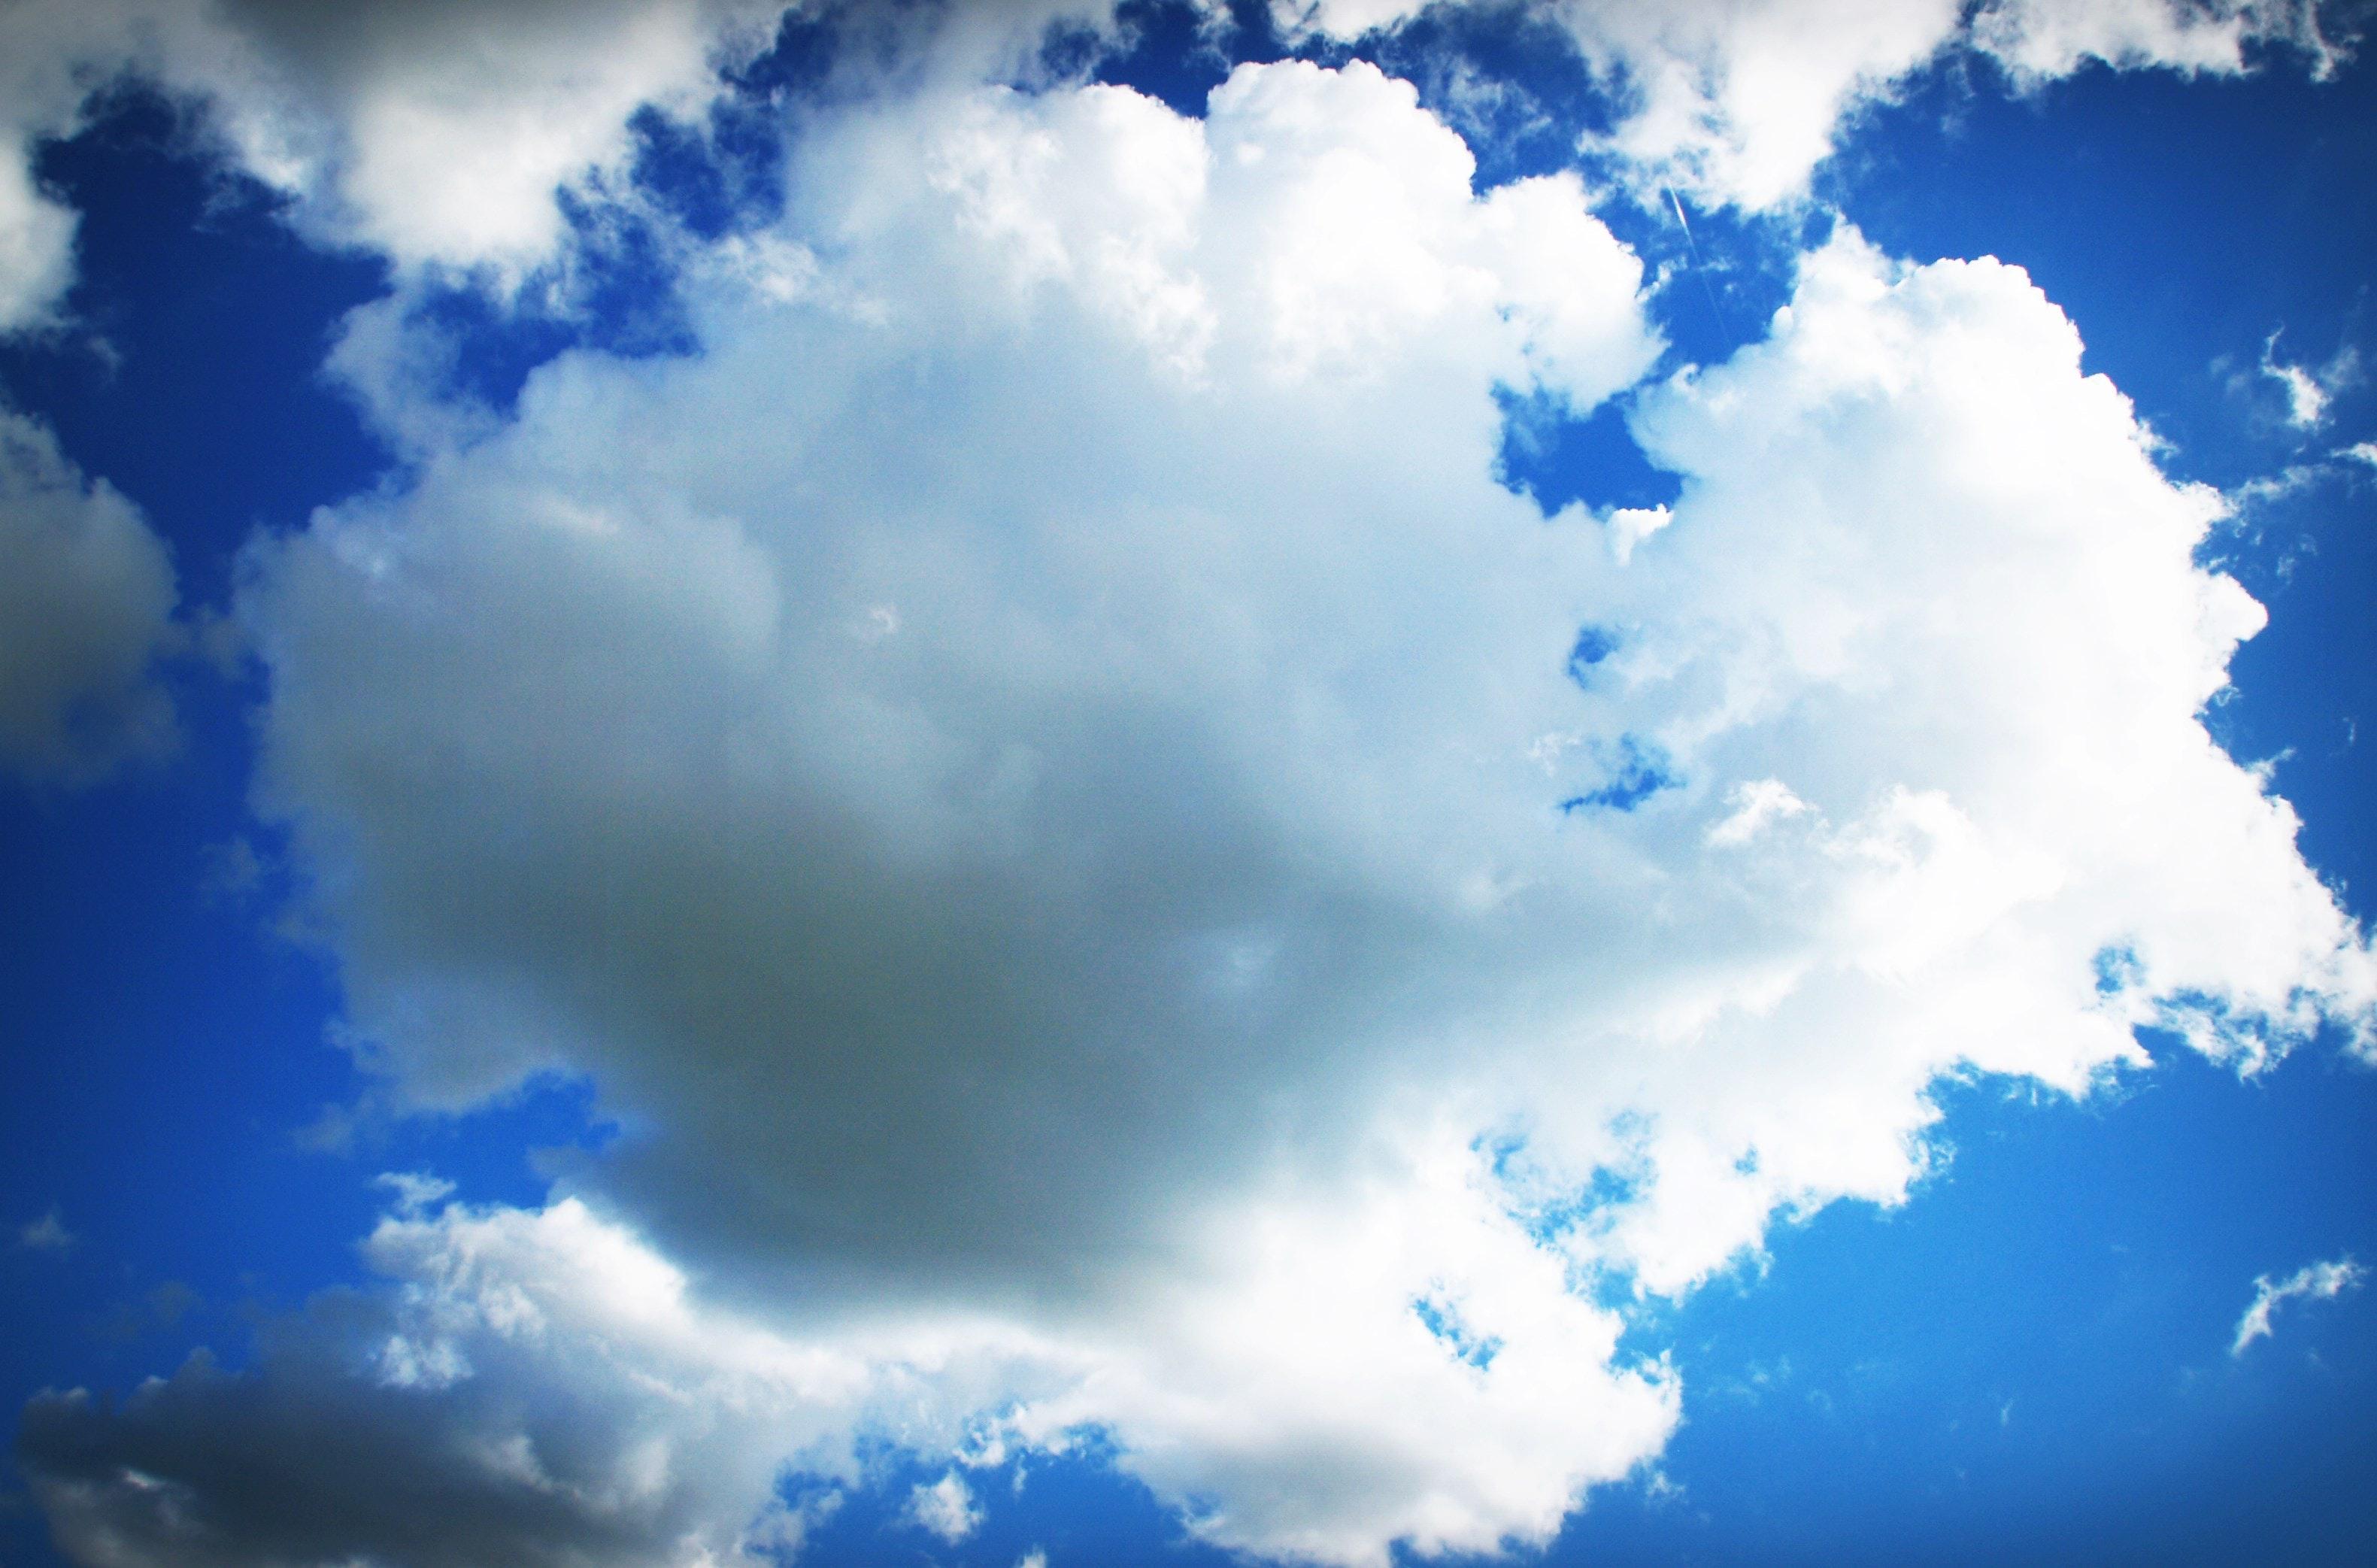 無料画像 雰囲気 青空 明るい 雲 曇った 日 昼光 天国 自然